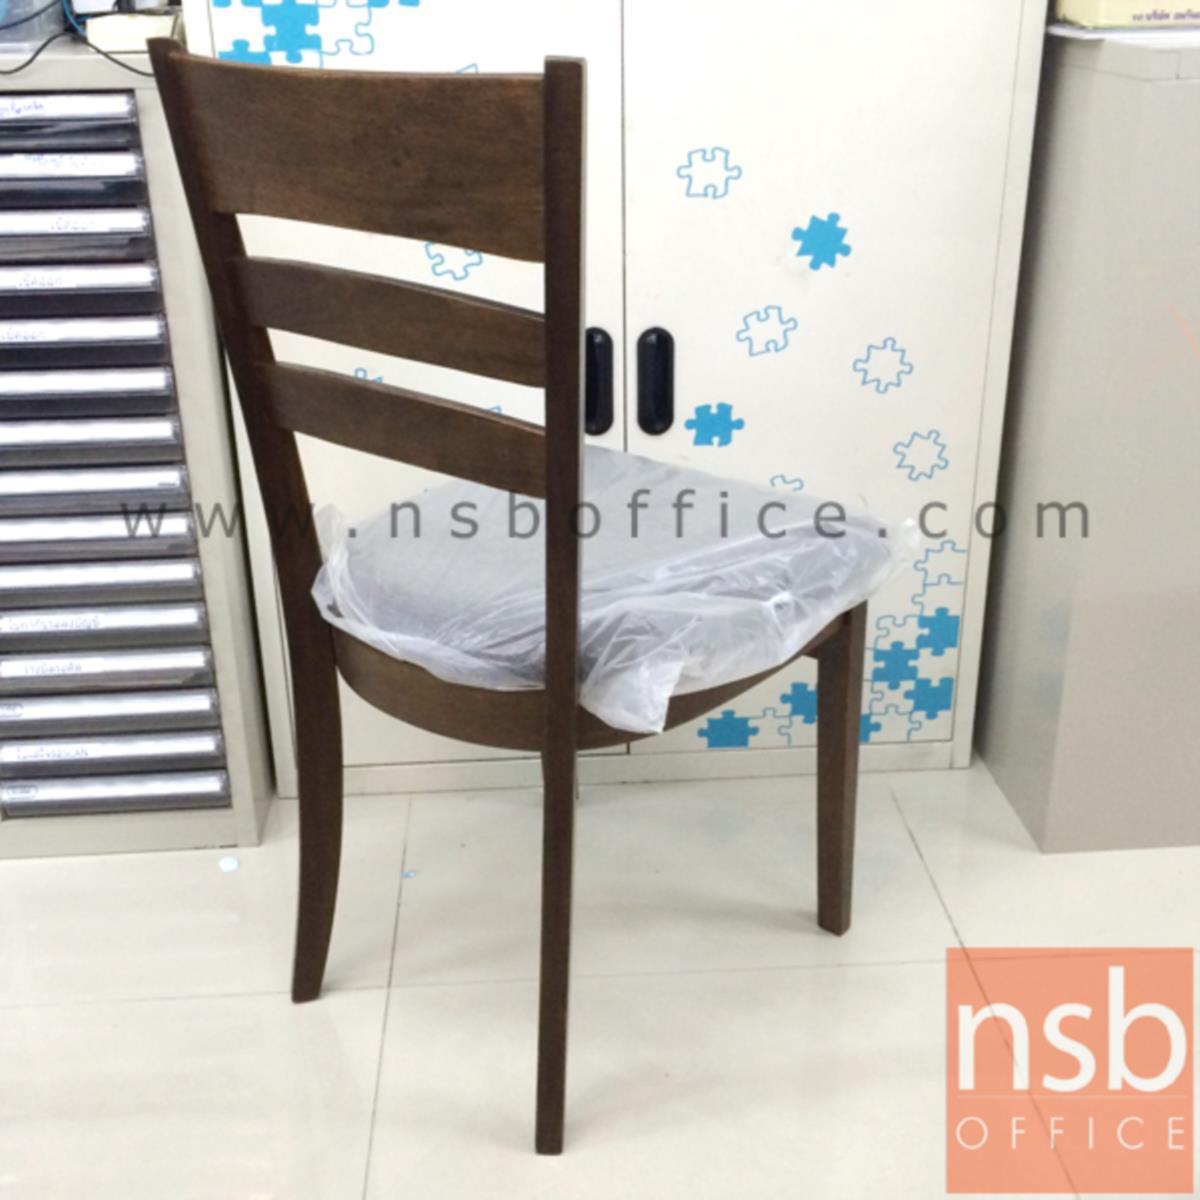 เก้าอี้ไม้ยางพาราที่นั่งหุ้มผ้า รุ่น Hansen (แฮนเซน) ขาไม้